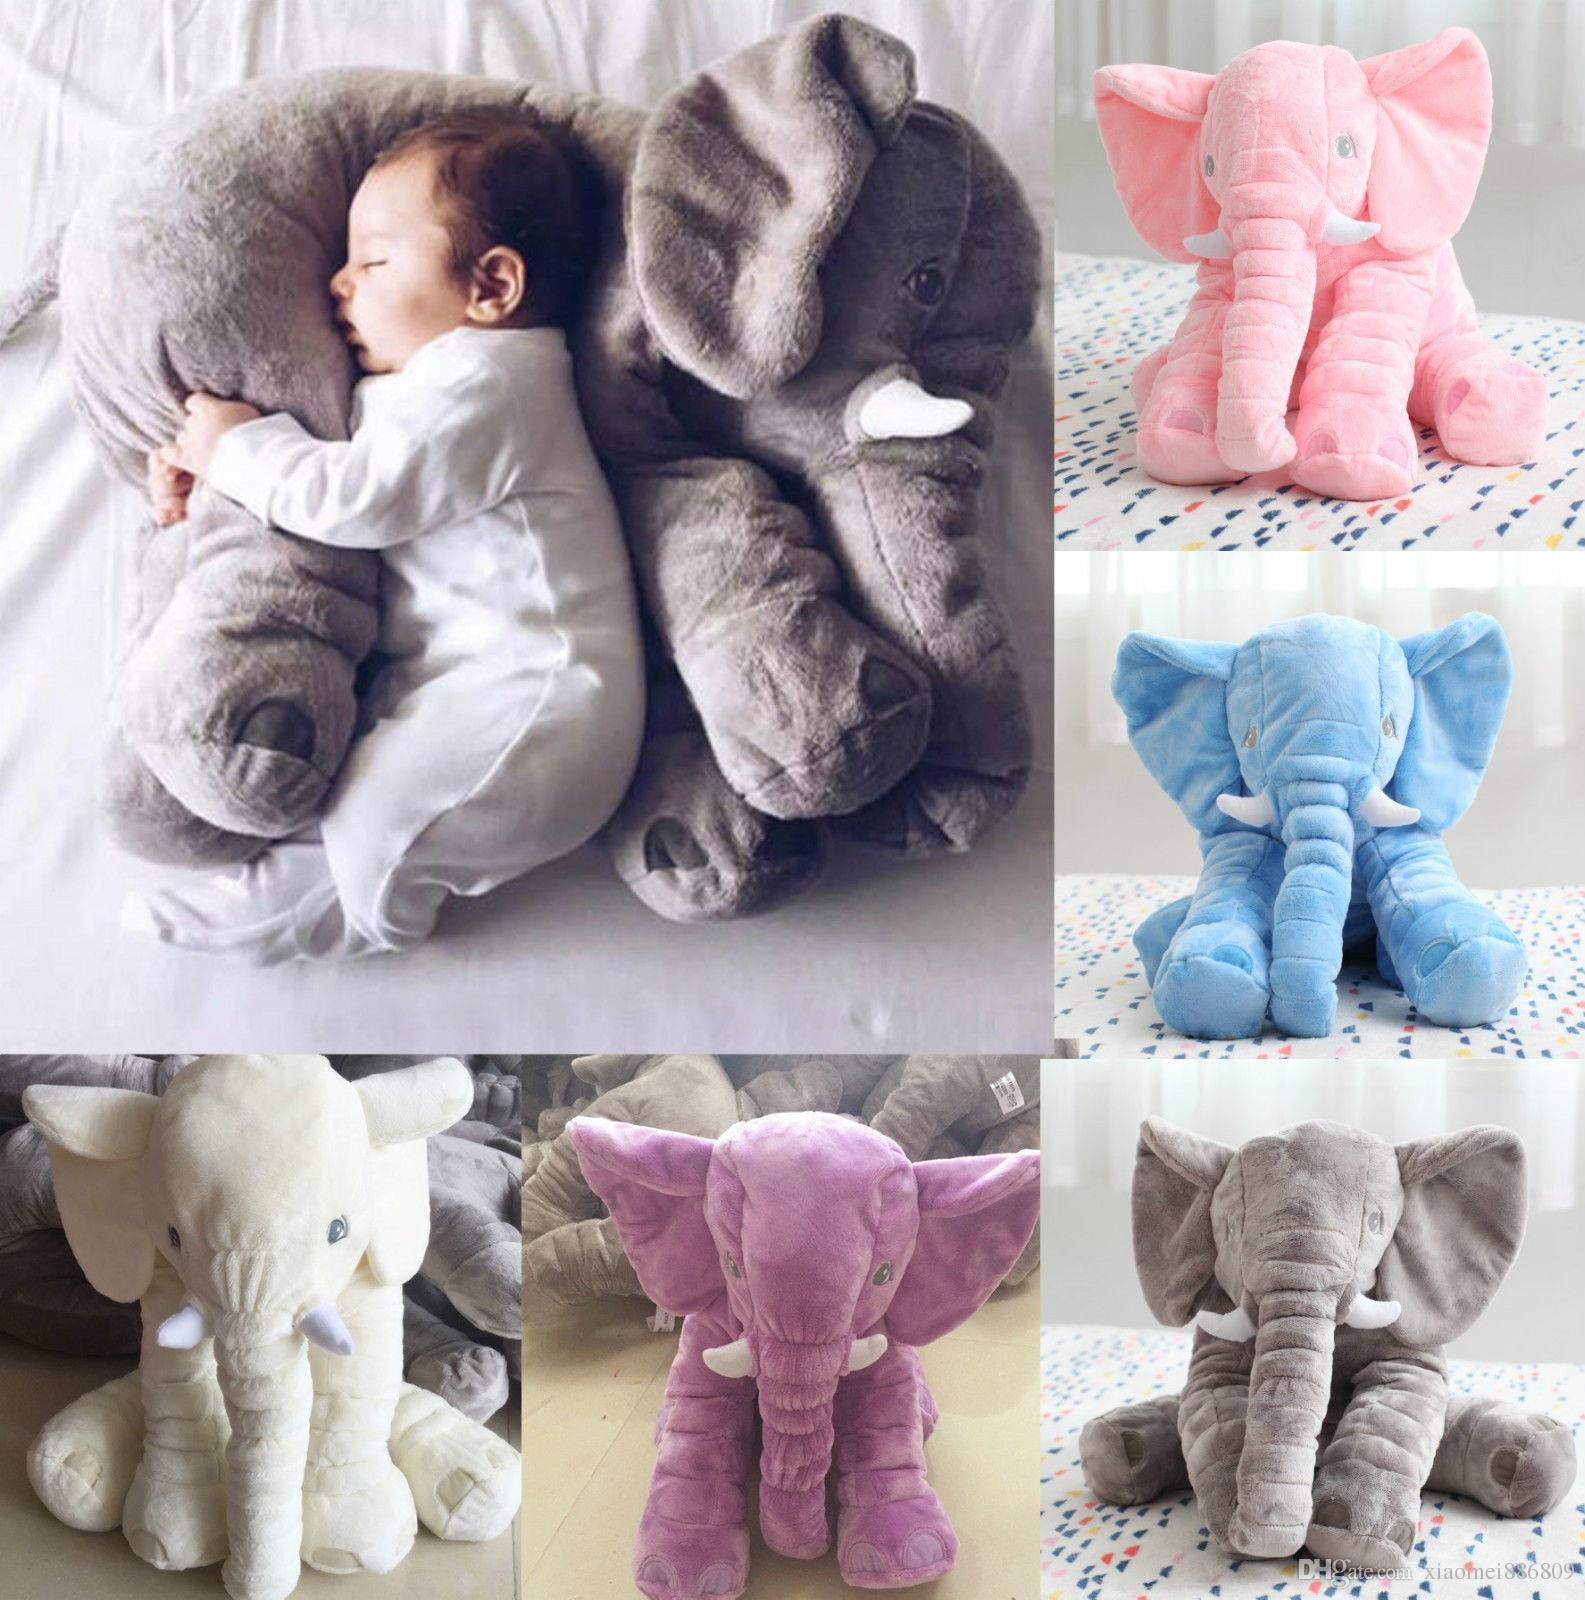 Милый ребенок ребенок мягкий слон подушка плюшевые игрушки фаршированные поясничные подушки длинный нос спать слона кукла